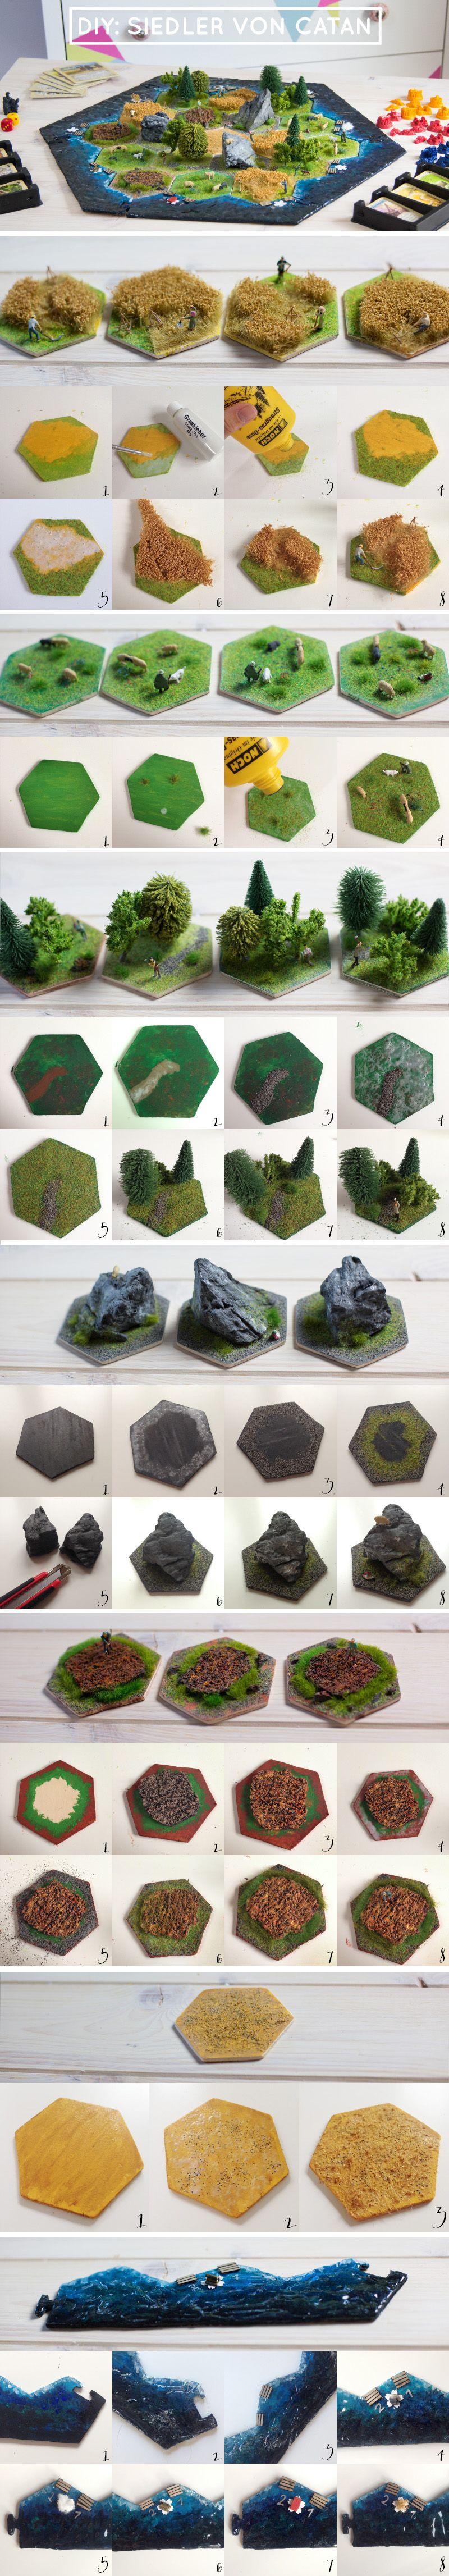 Mega DIY! Siedler von Catan in 3D